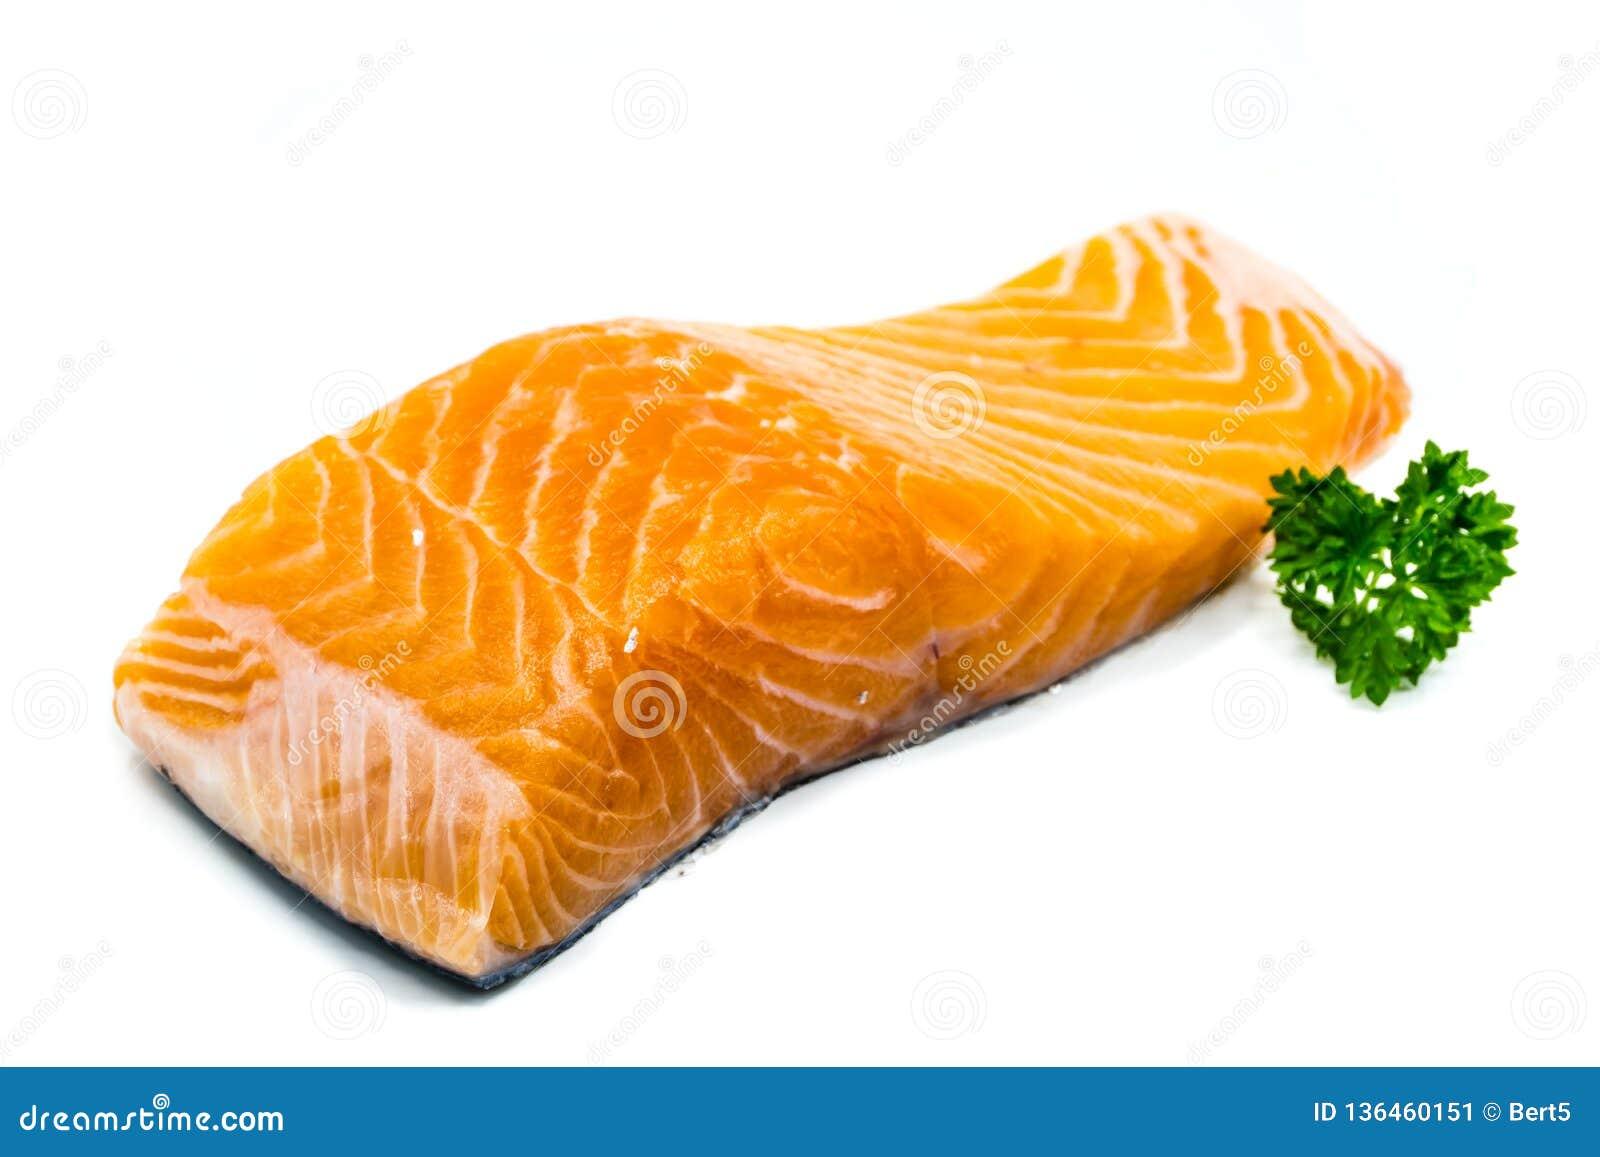 Pezzo di salmone crudo isolato su fondo bianco